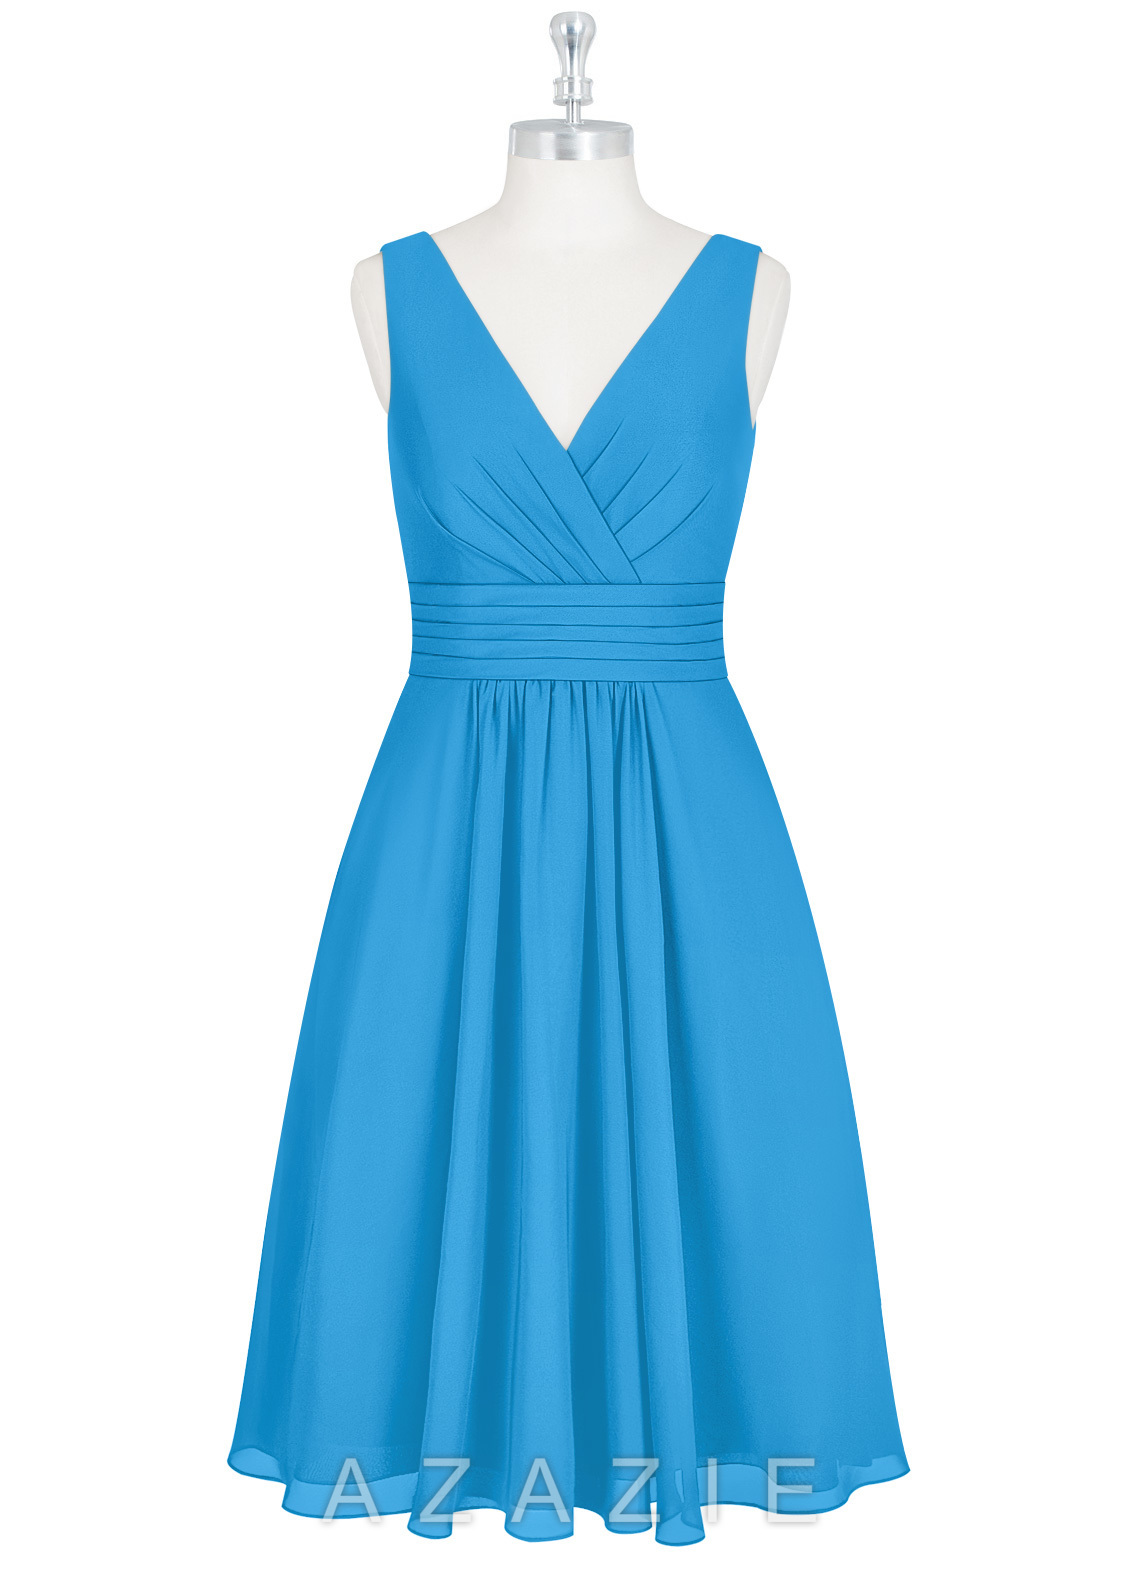 Azazie Kyla Bridesmaid Dress | Azazie